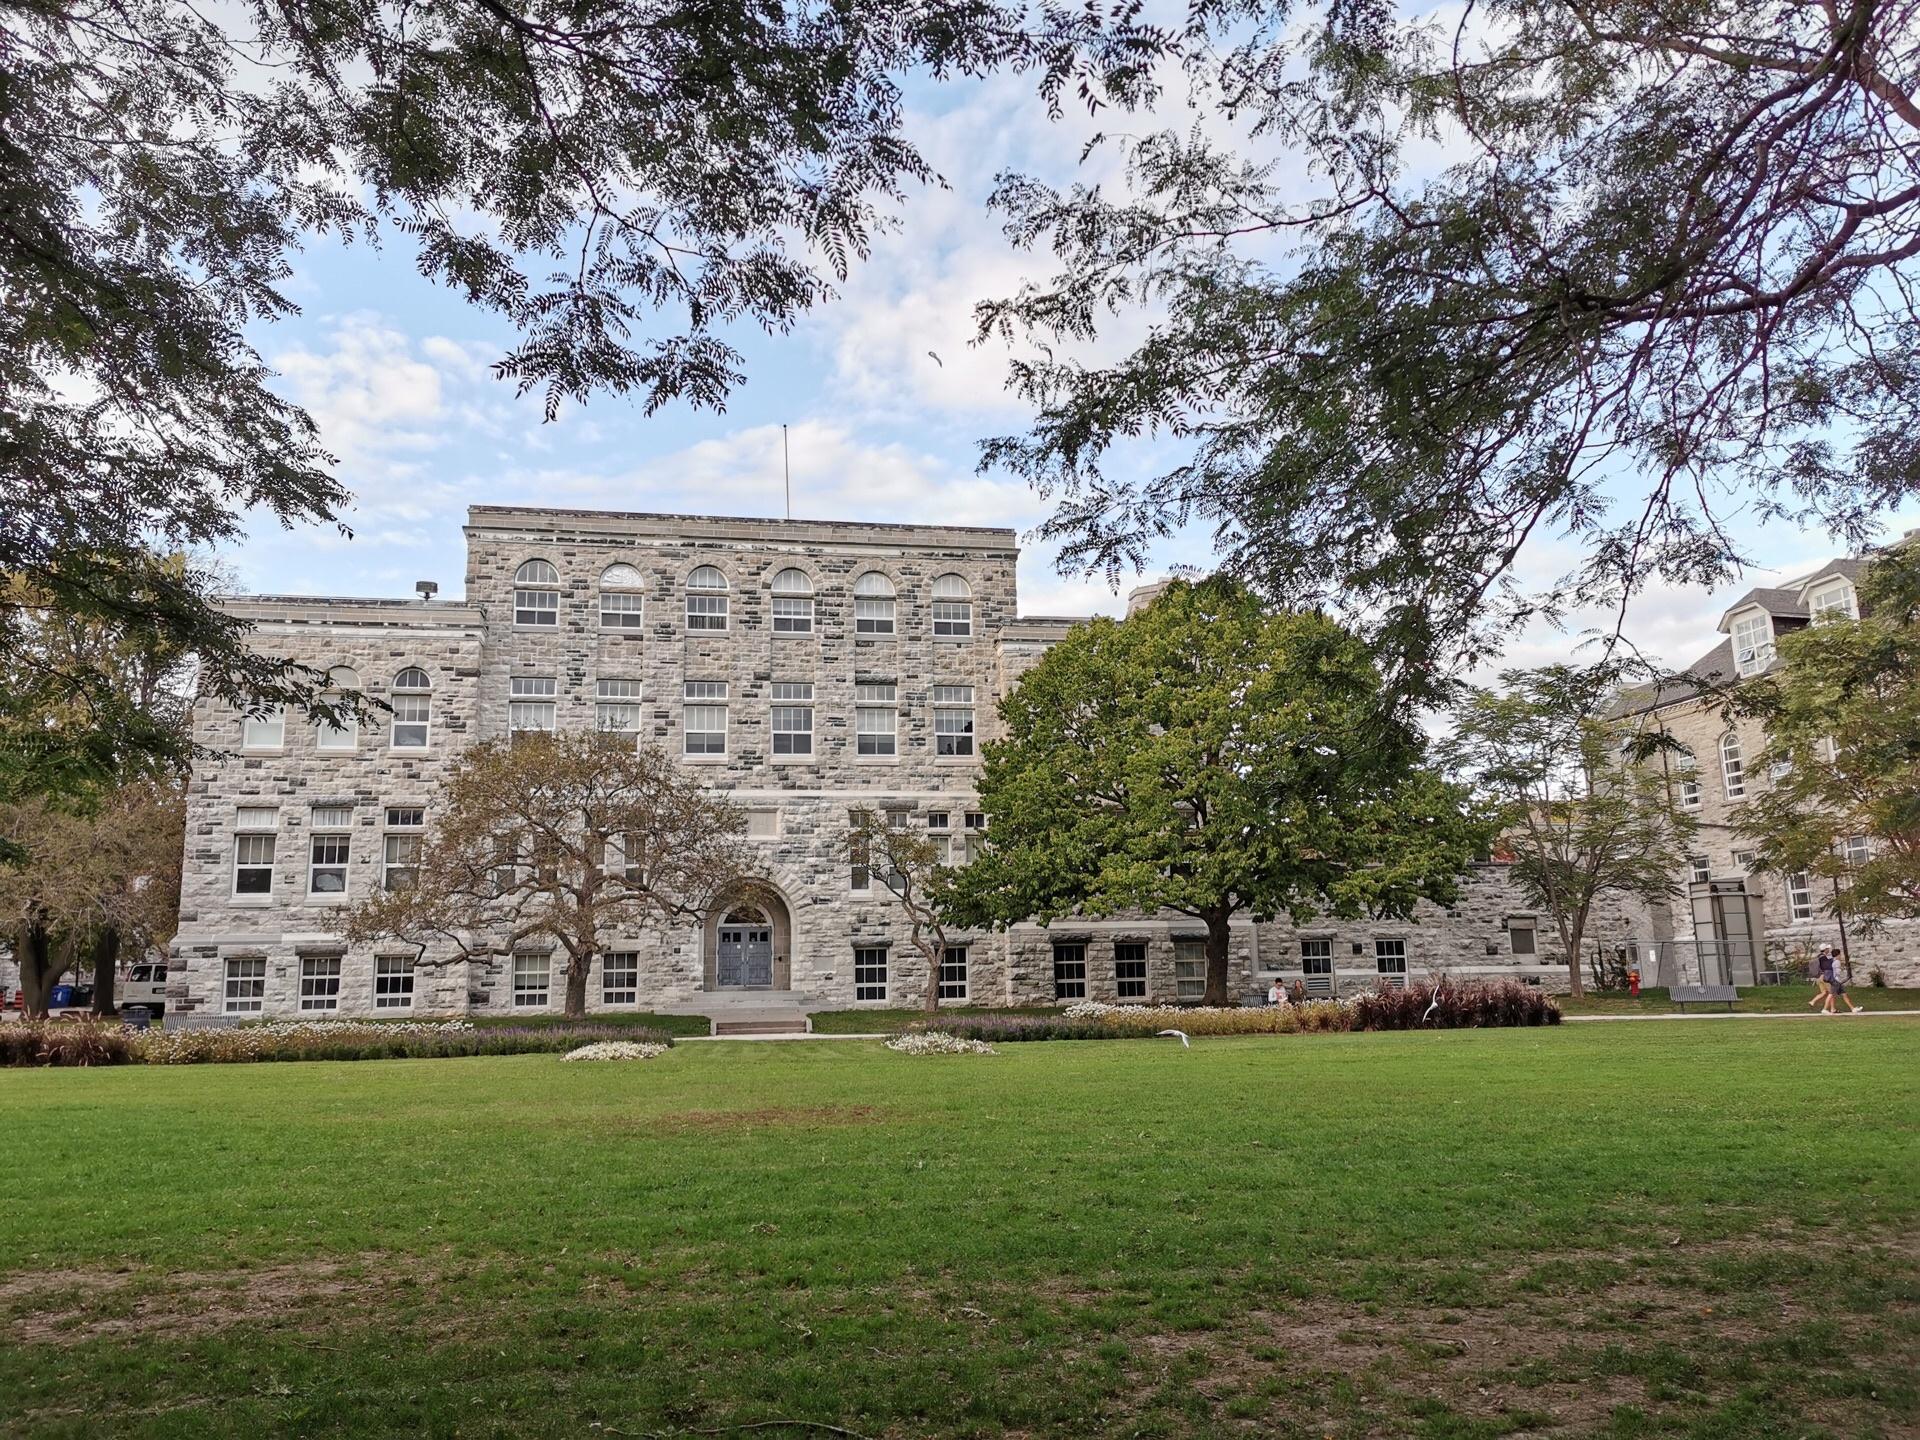 加拿大 金斯顿 皇后大学